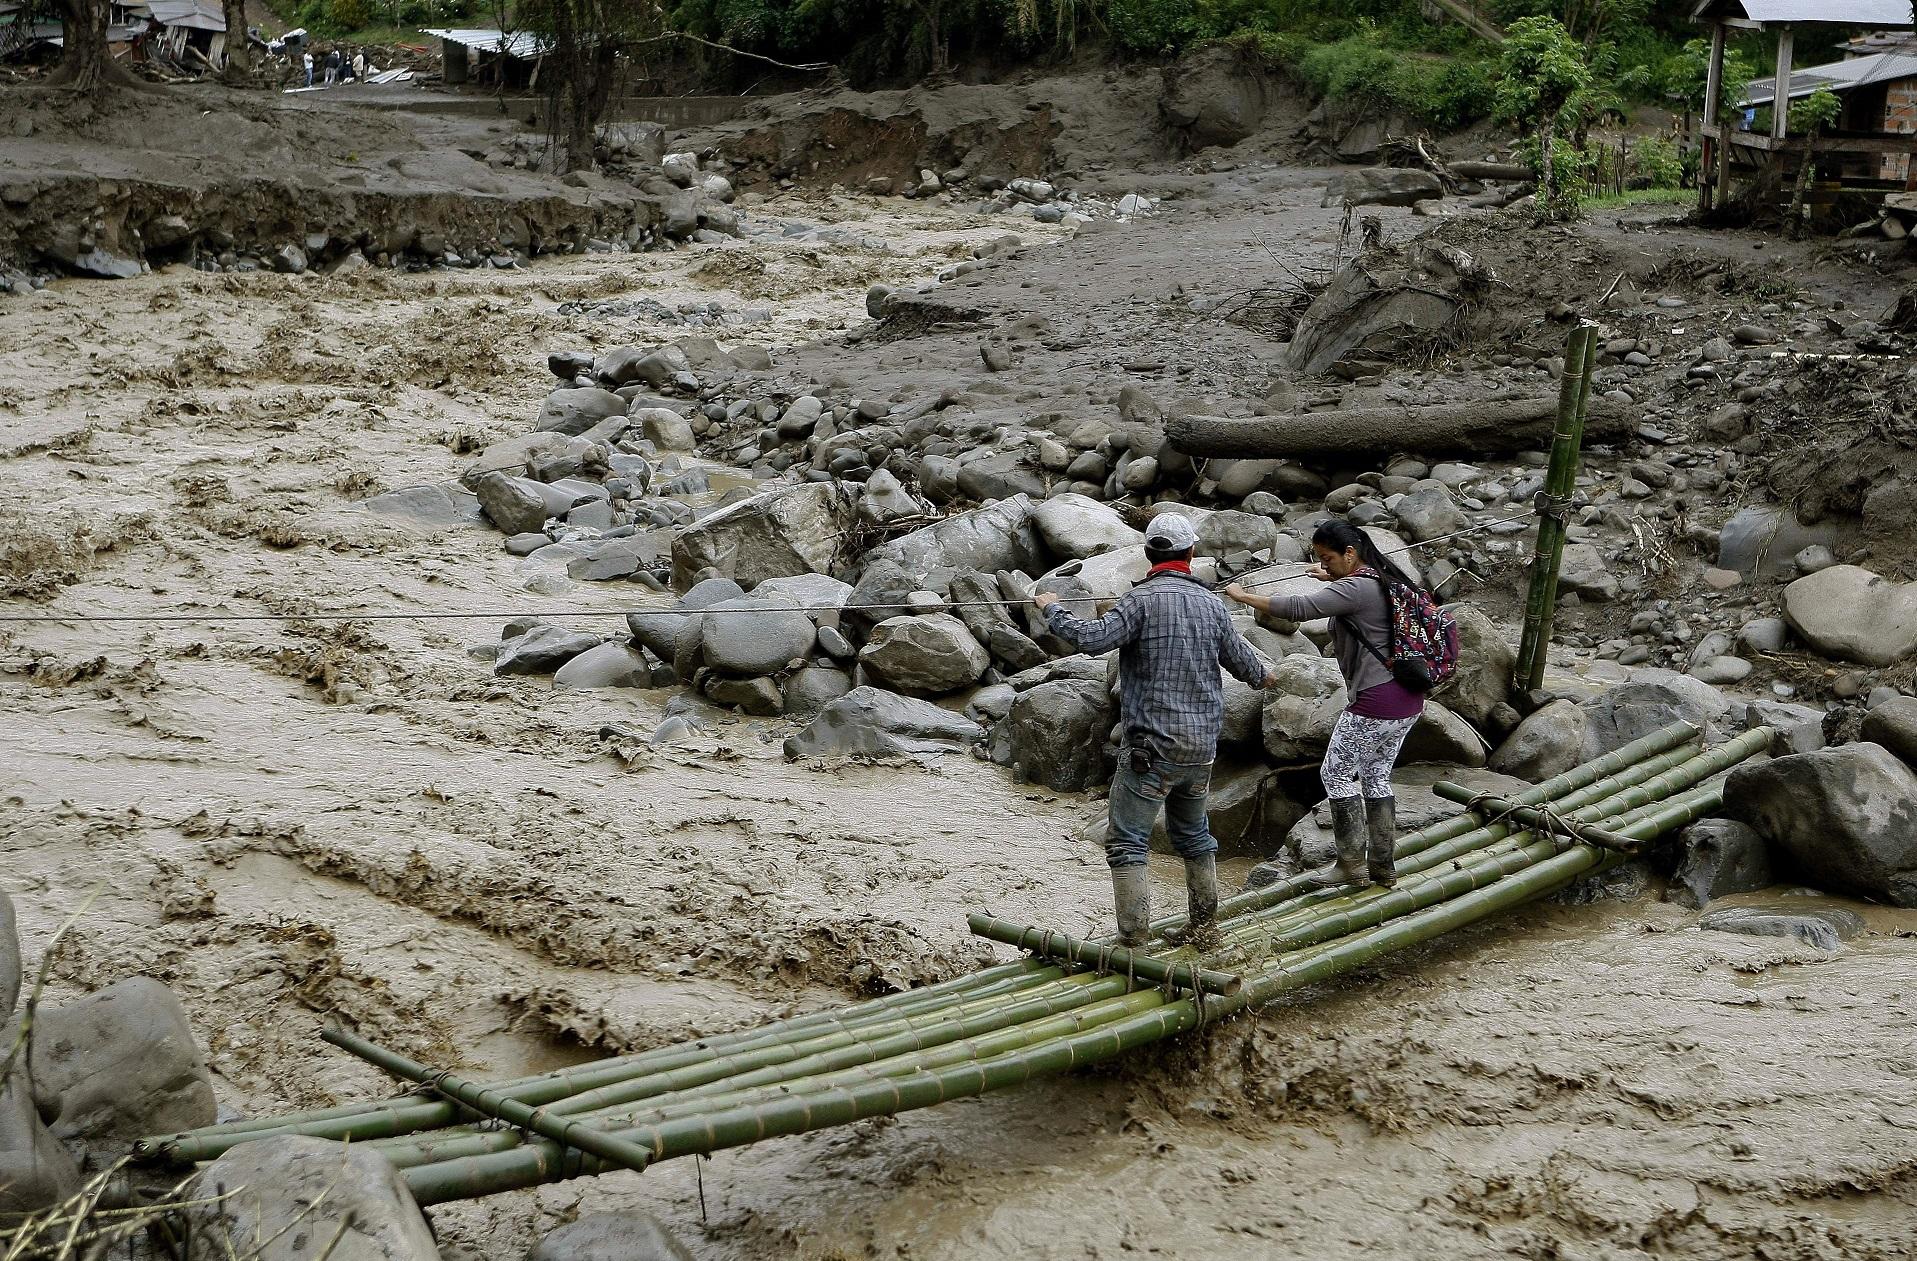 REANUDAN LA BÚSQUEDA DE DESAPARECIDOS EN AVALANCHA EN EL NOROESTE DE COLOMBIA